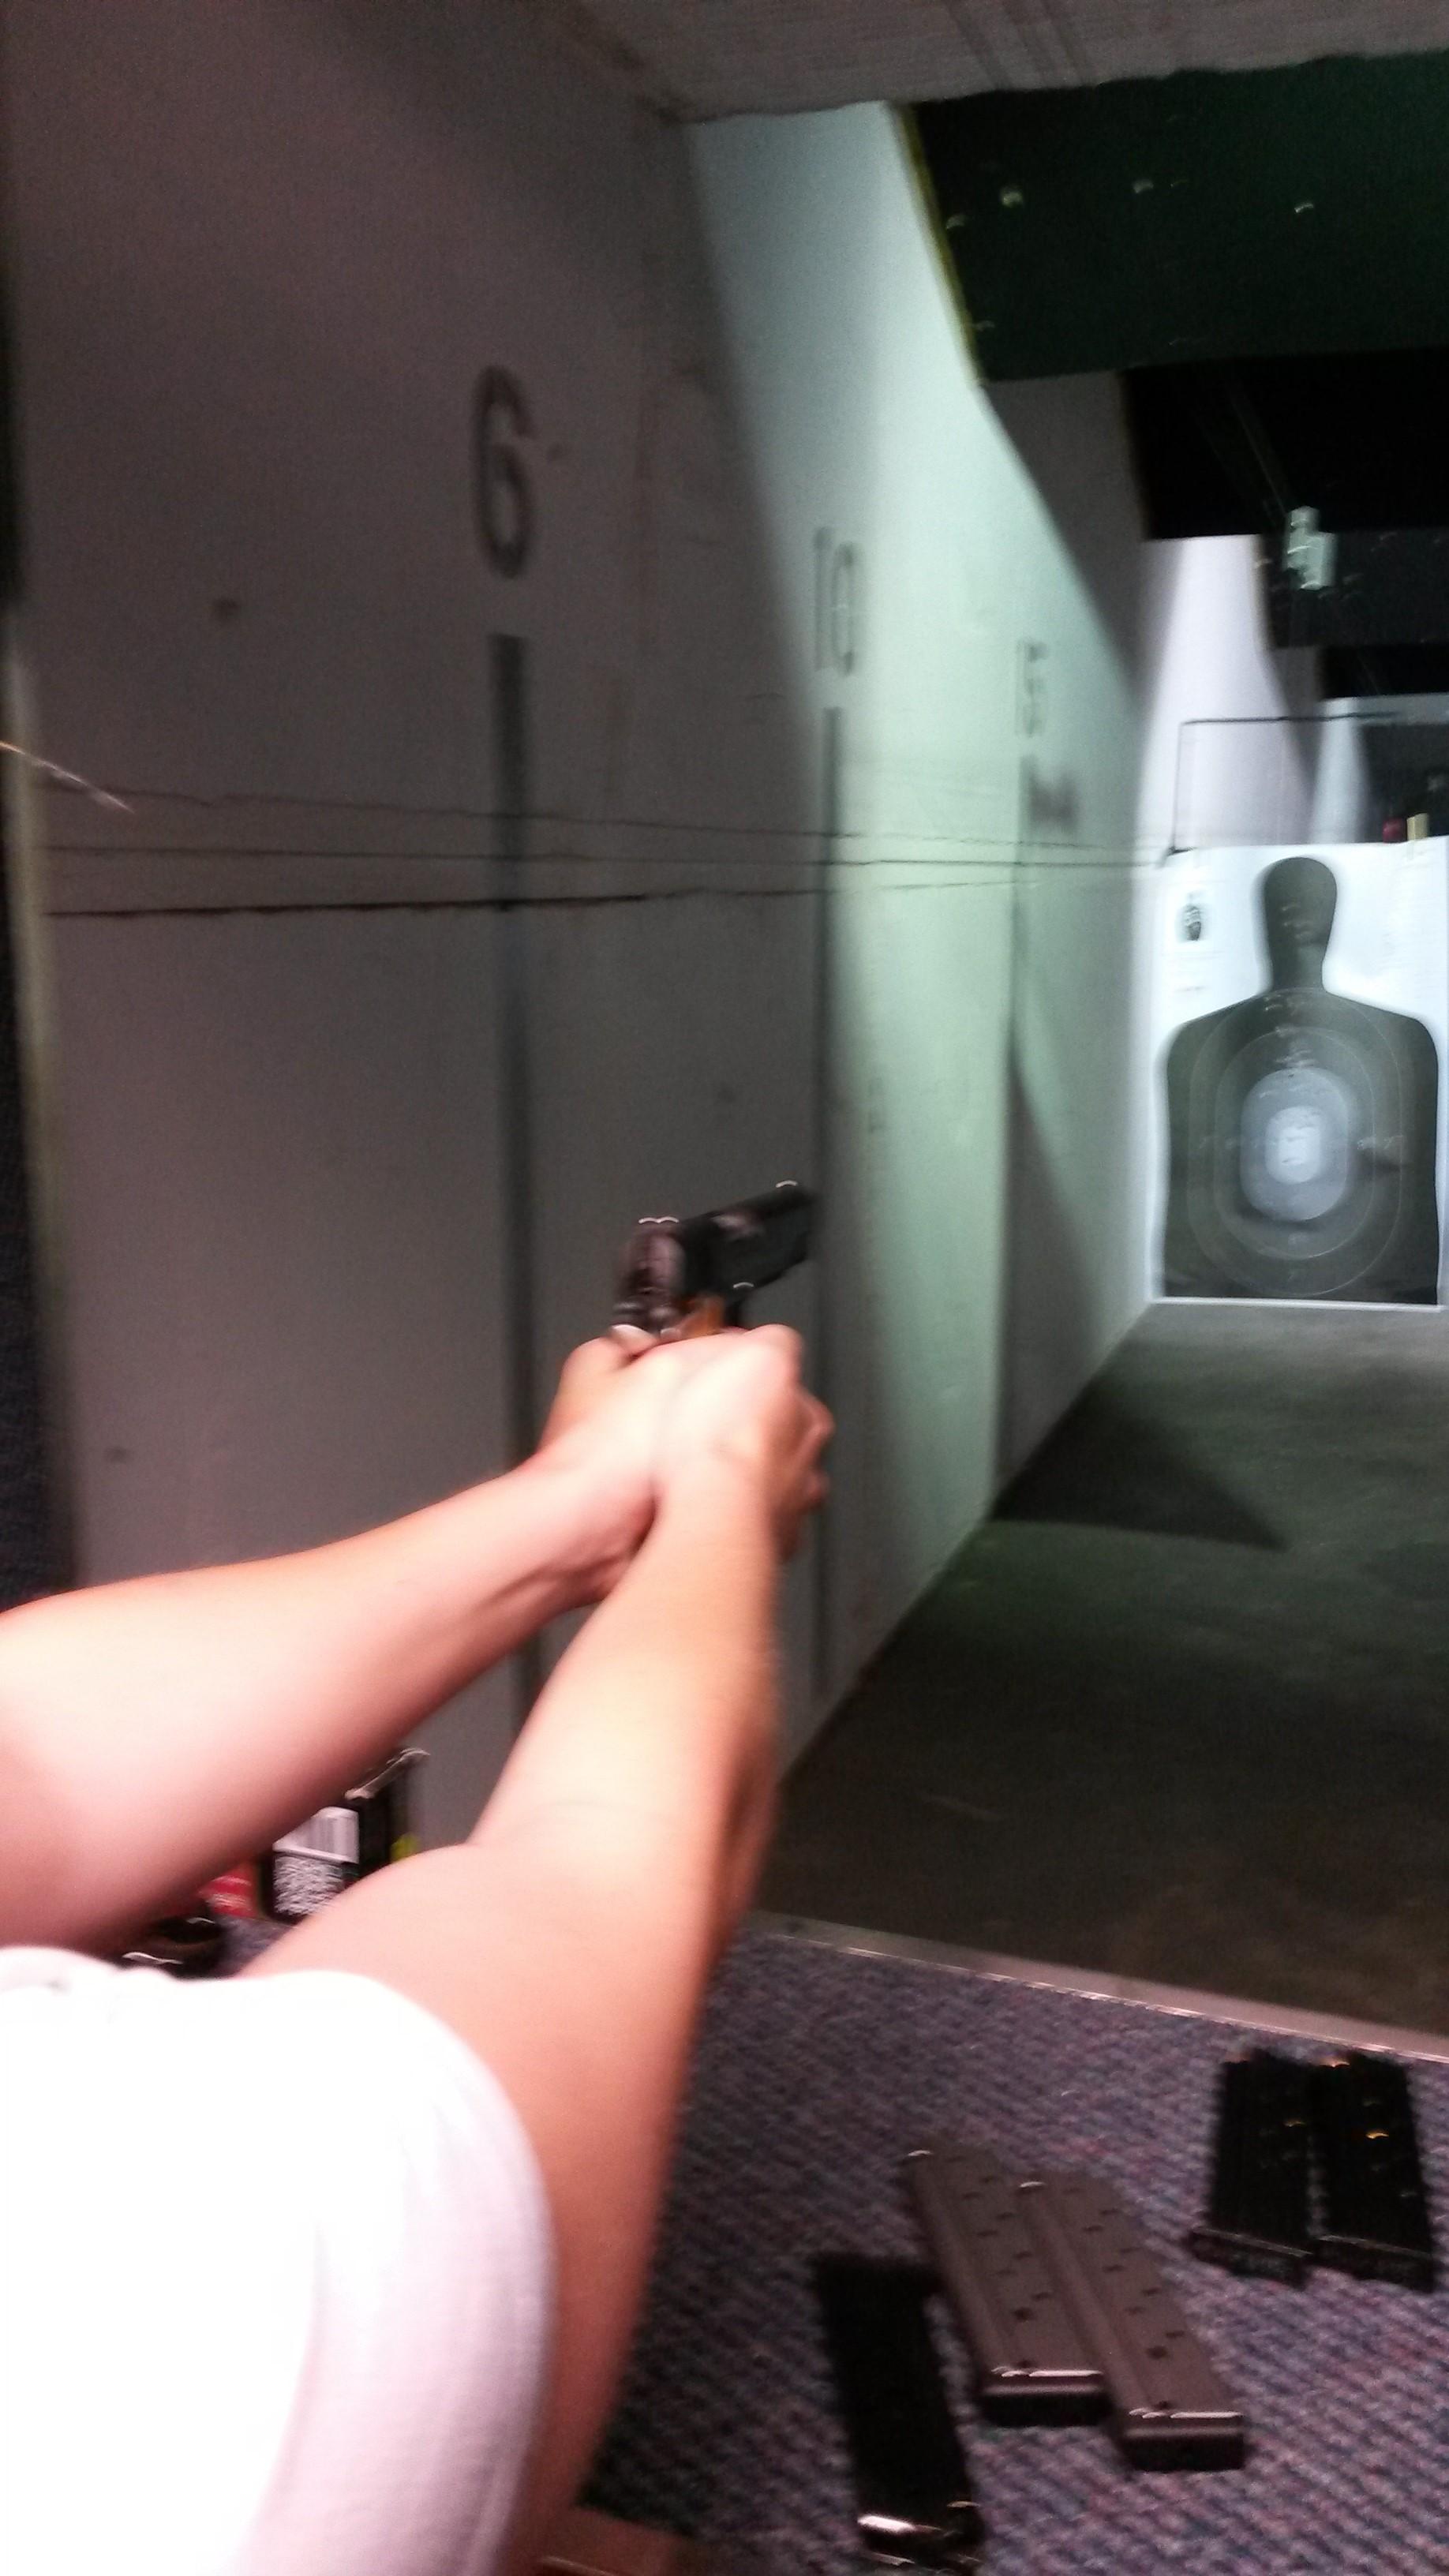 Range report (#1 daughter today!)-20140417_115118.jpg